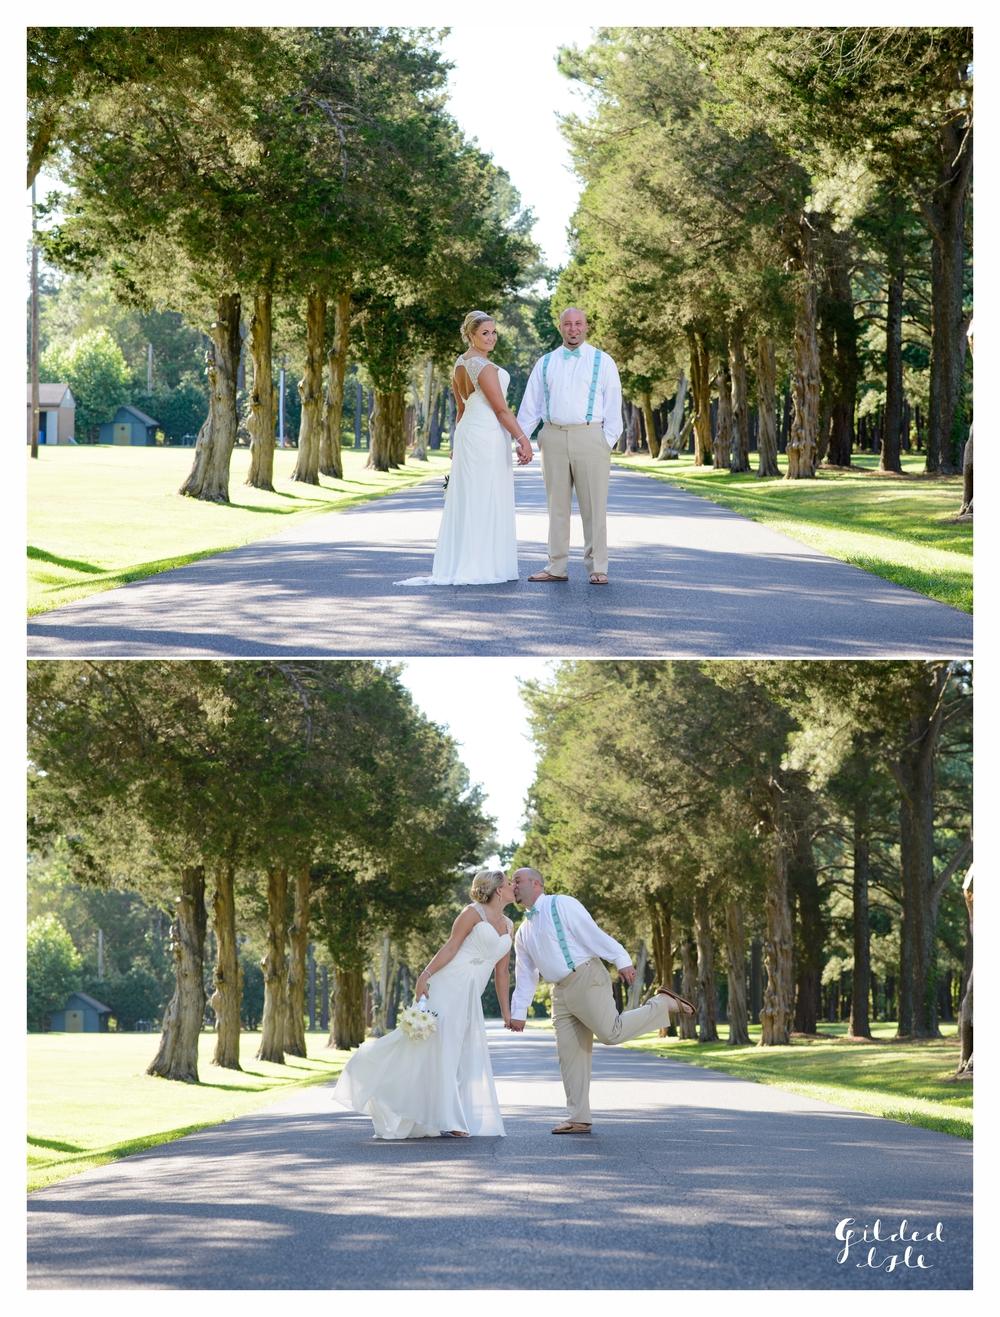 simpson wed blog collage 38.jpg